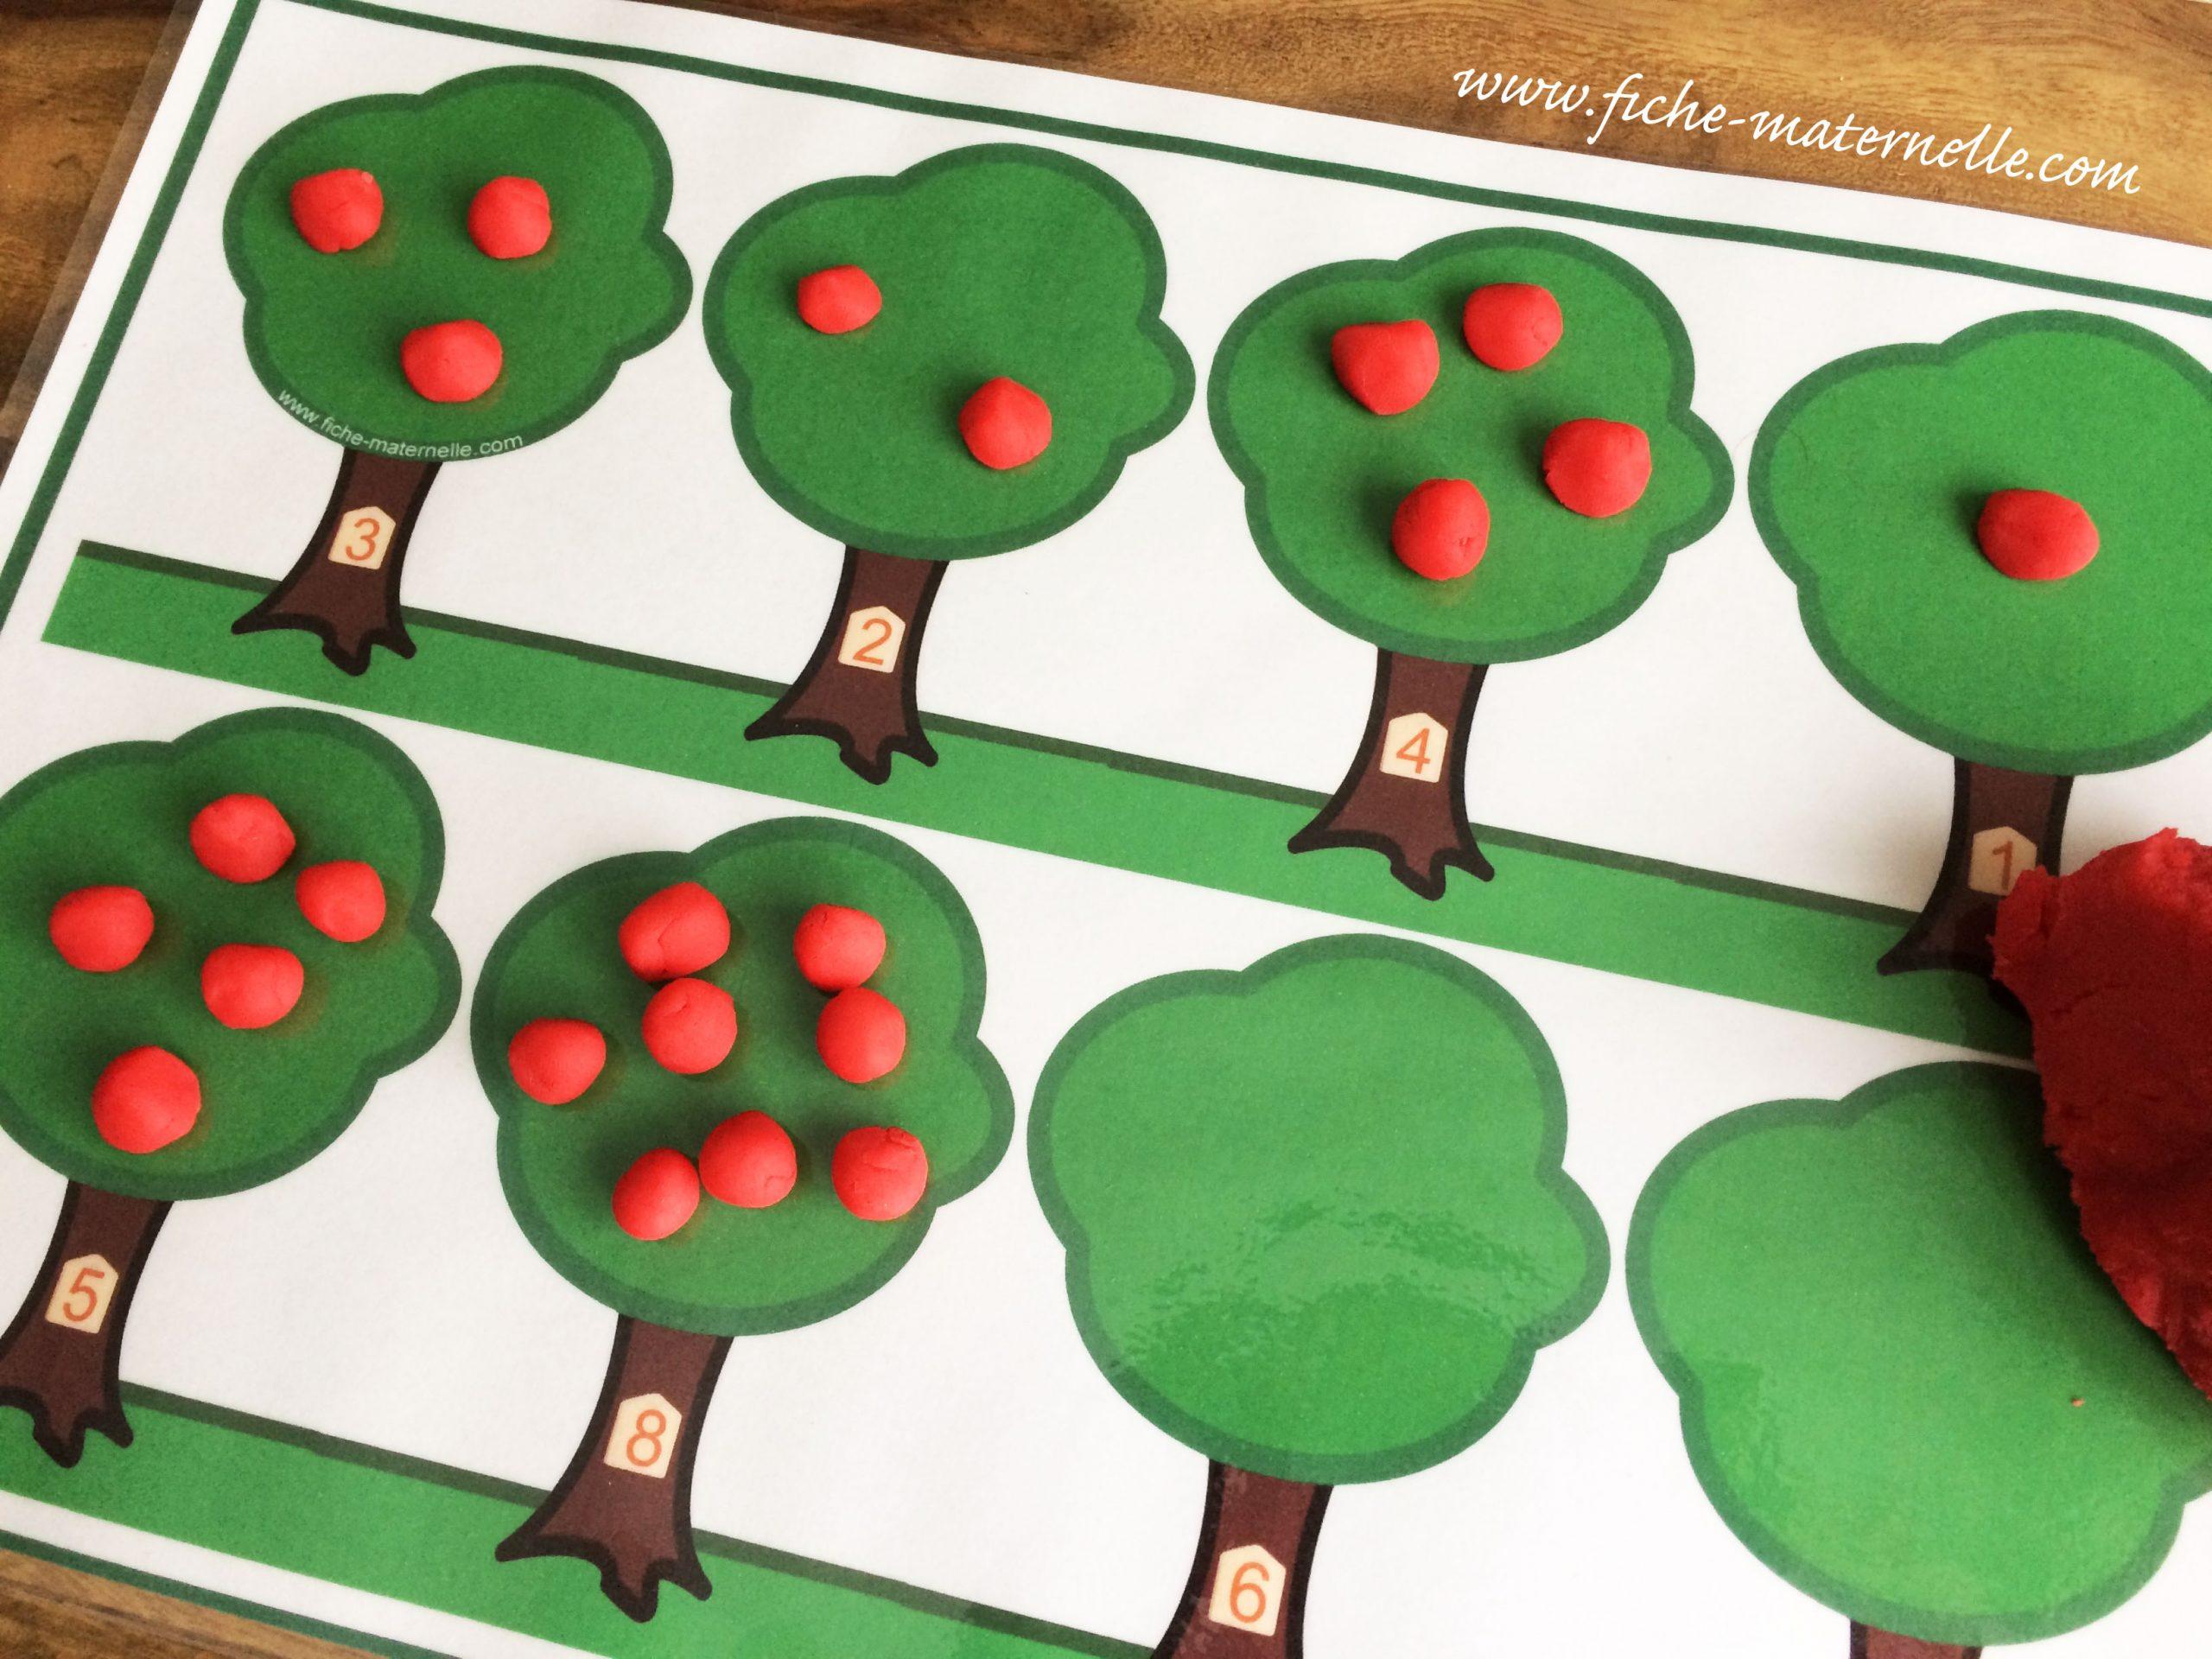 Jeux Mathématiques En Maternelle : Maths concernant Jeux Didactiques Maternelle